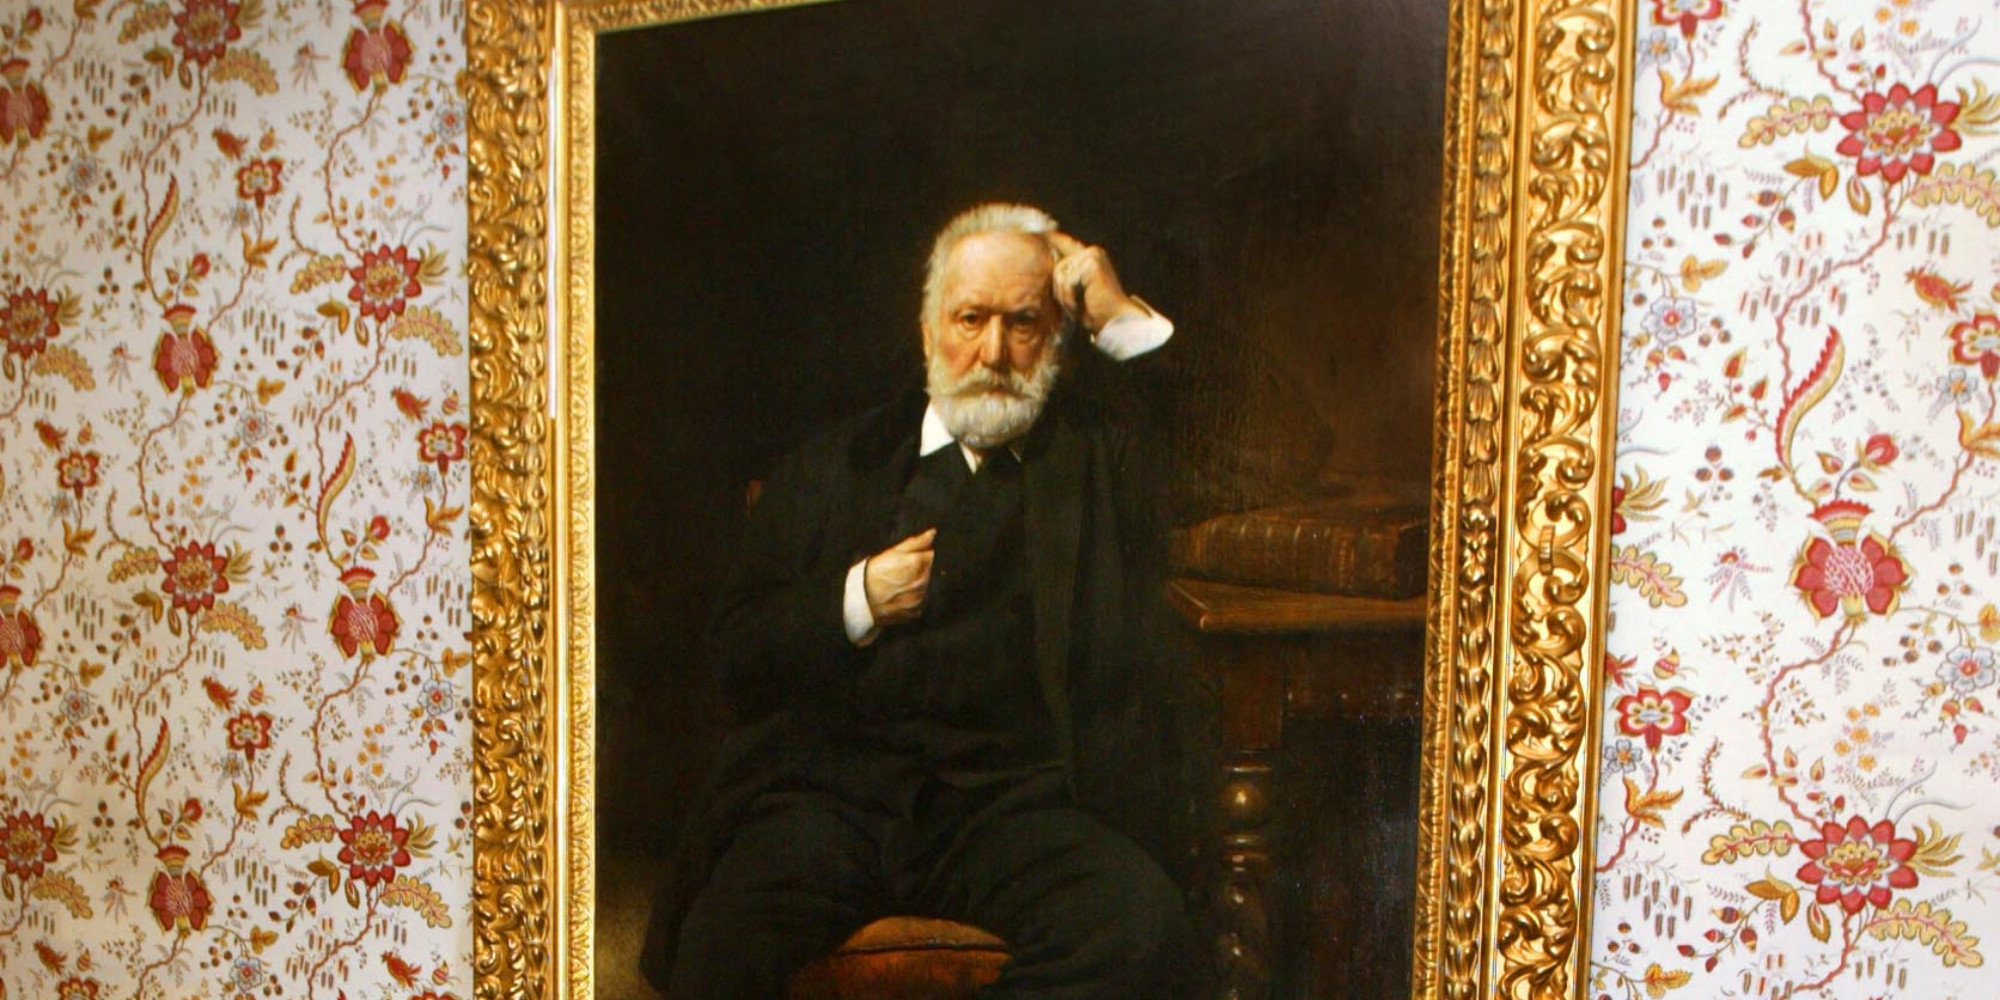 """""""C'est complètement fascinant"""" : Victor Hugo, dessinateur, se révèle dans une exposition"""